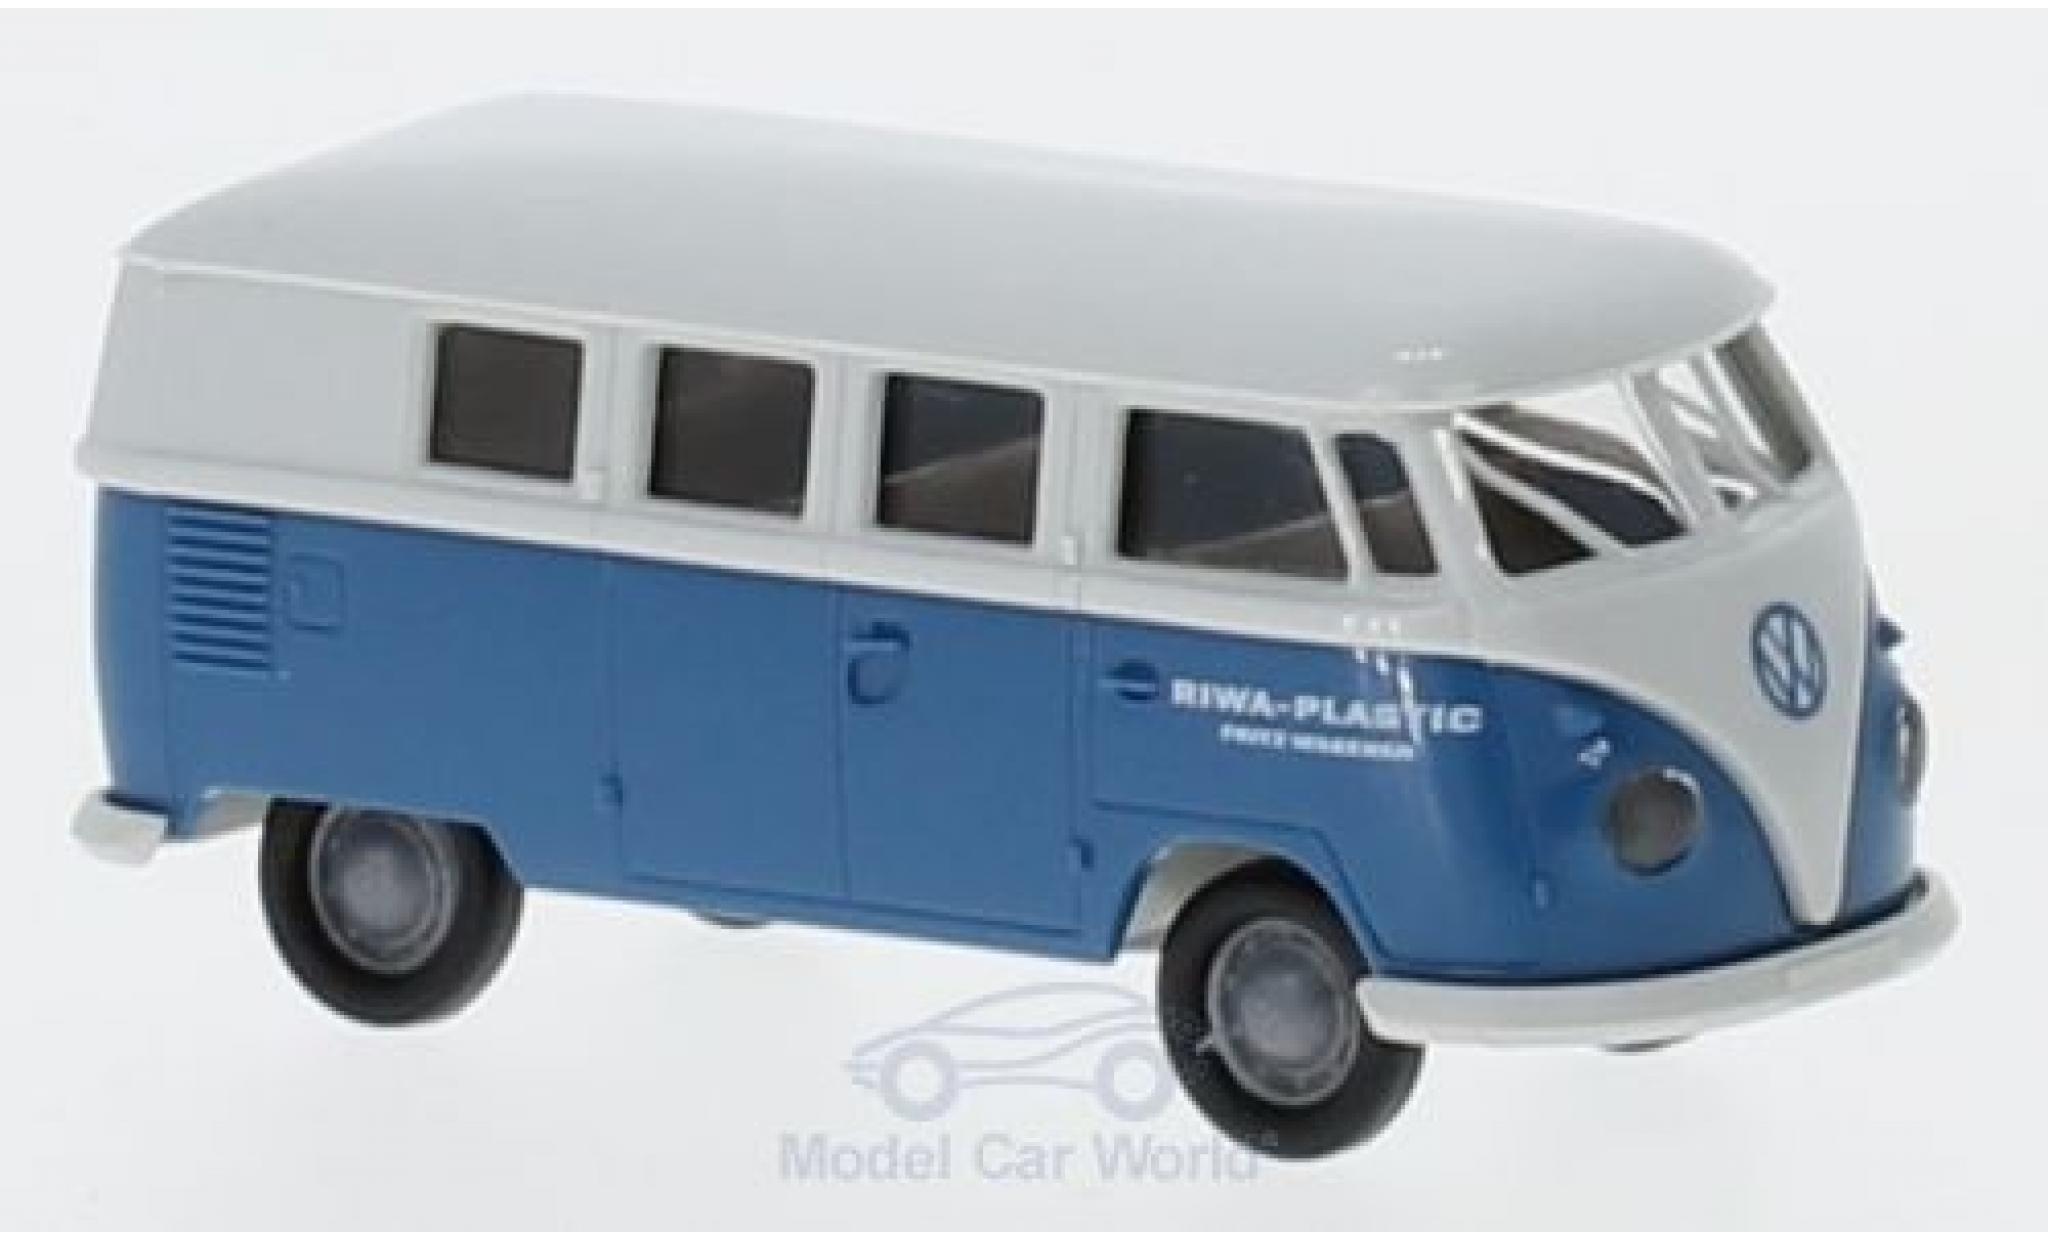 Volkswagen T1 B 1/87 Brekina b Bus Riwa-Plastic